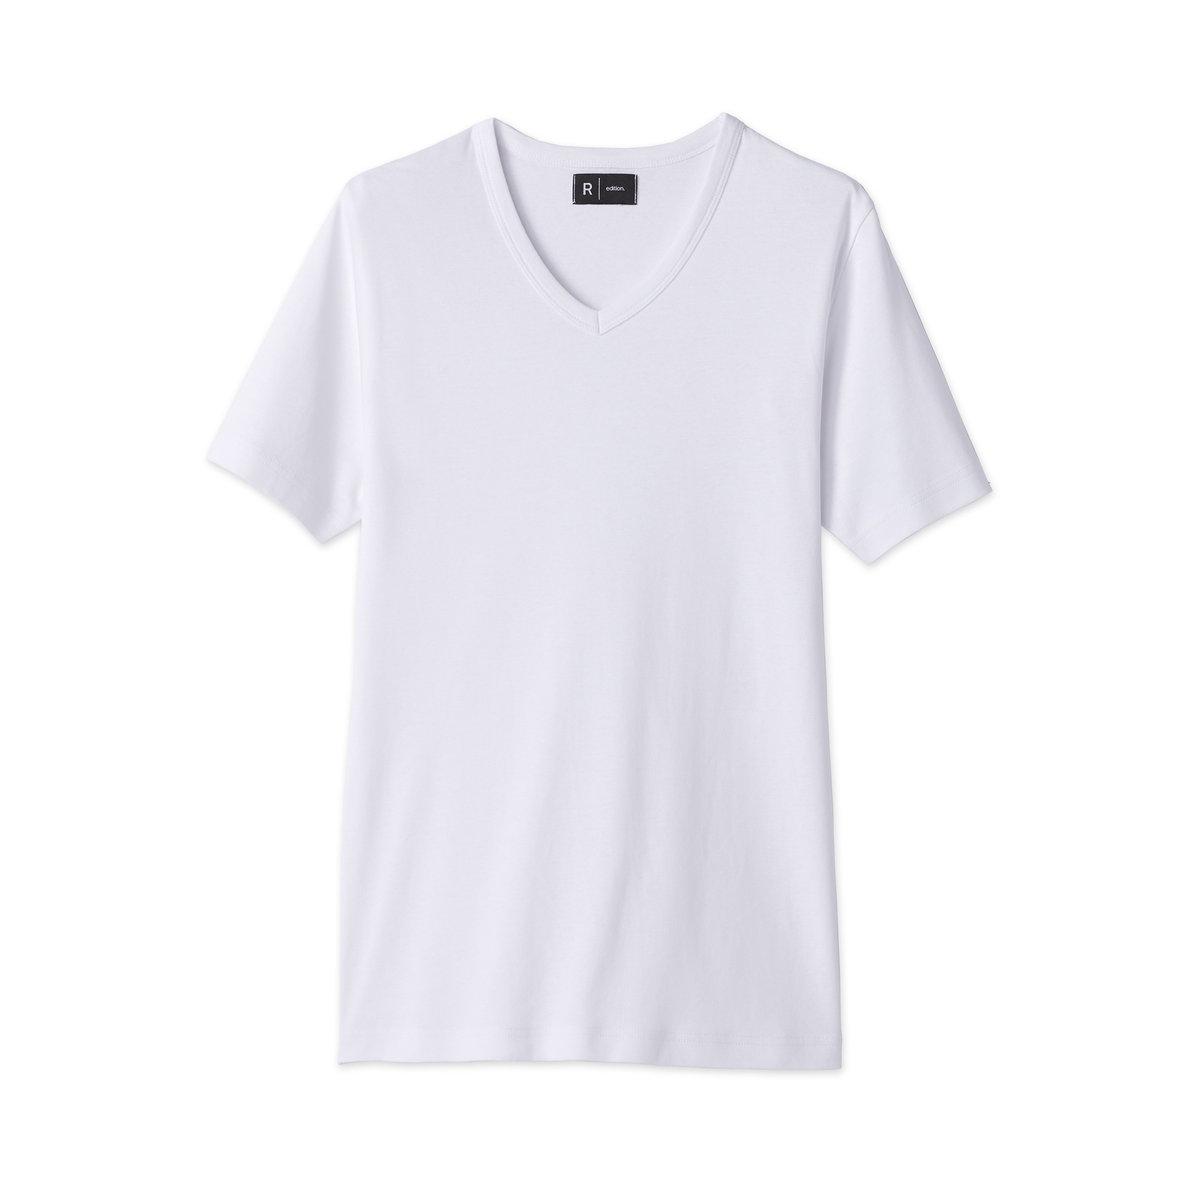 Комплект из 3 футболок с V-образным вырезом от La Redoute